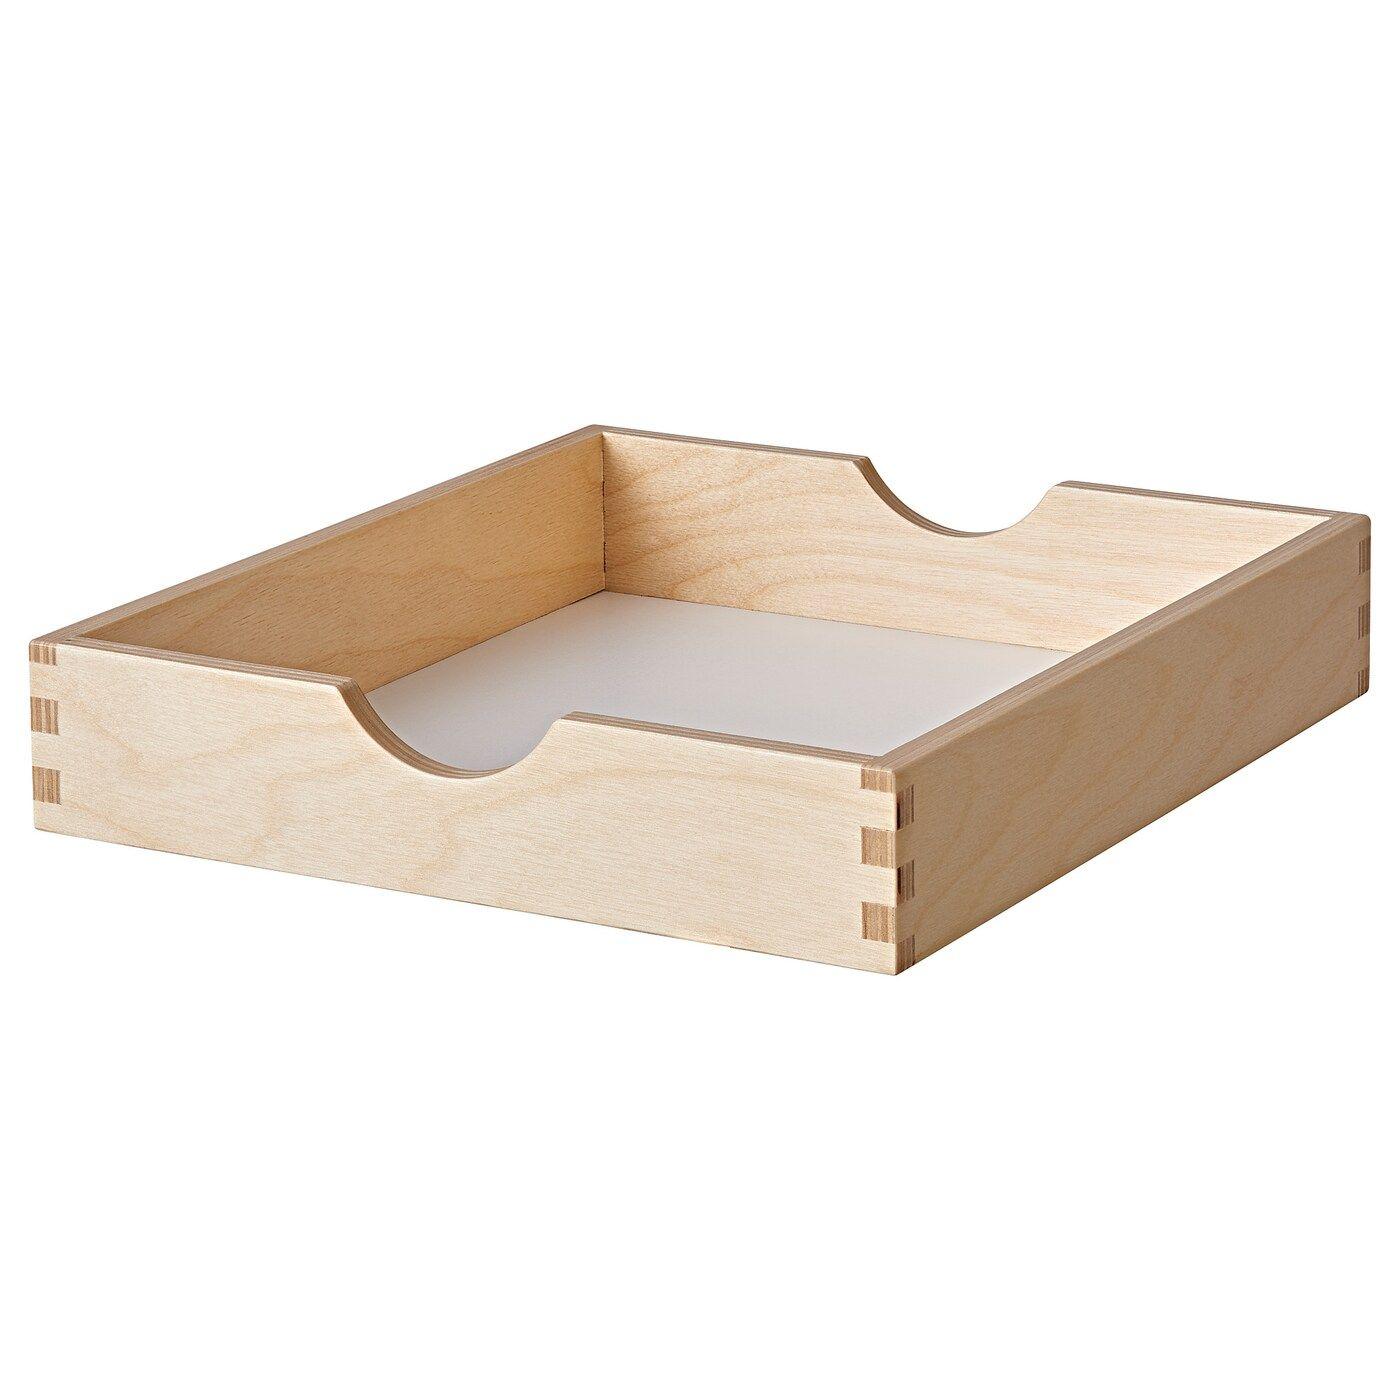 Djuv Caisse 10 5 8x11 3 4 27x30 Cm Caisses Ikea Ikea Et Boite Ikea